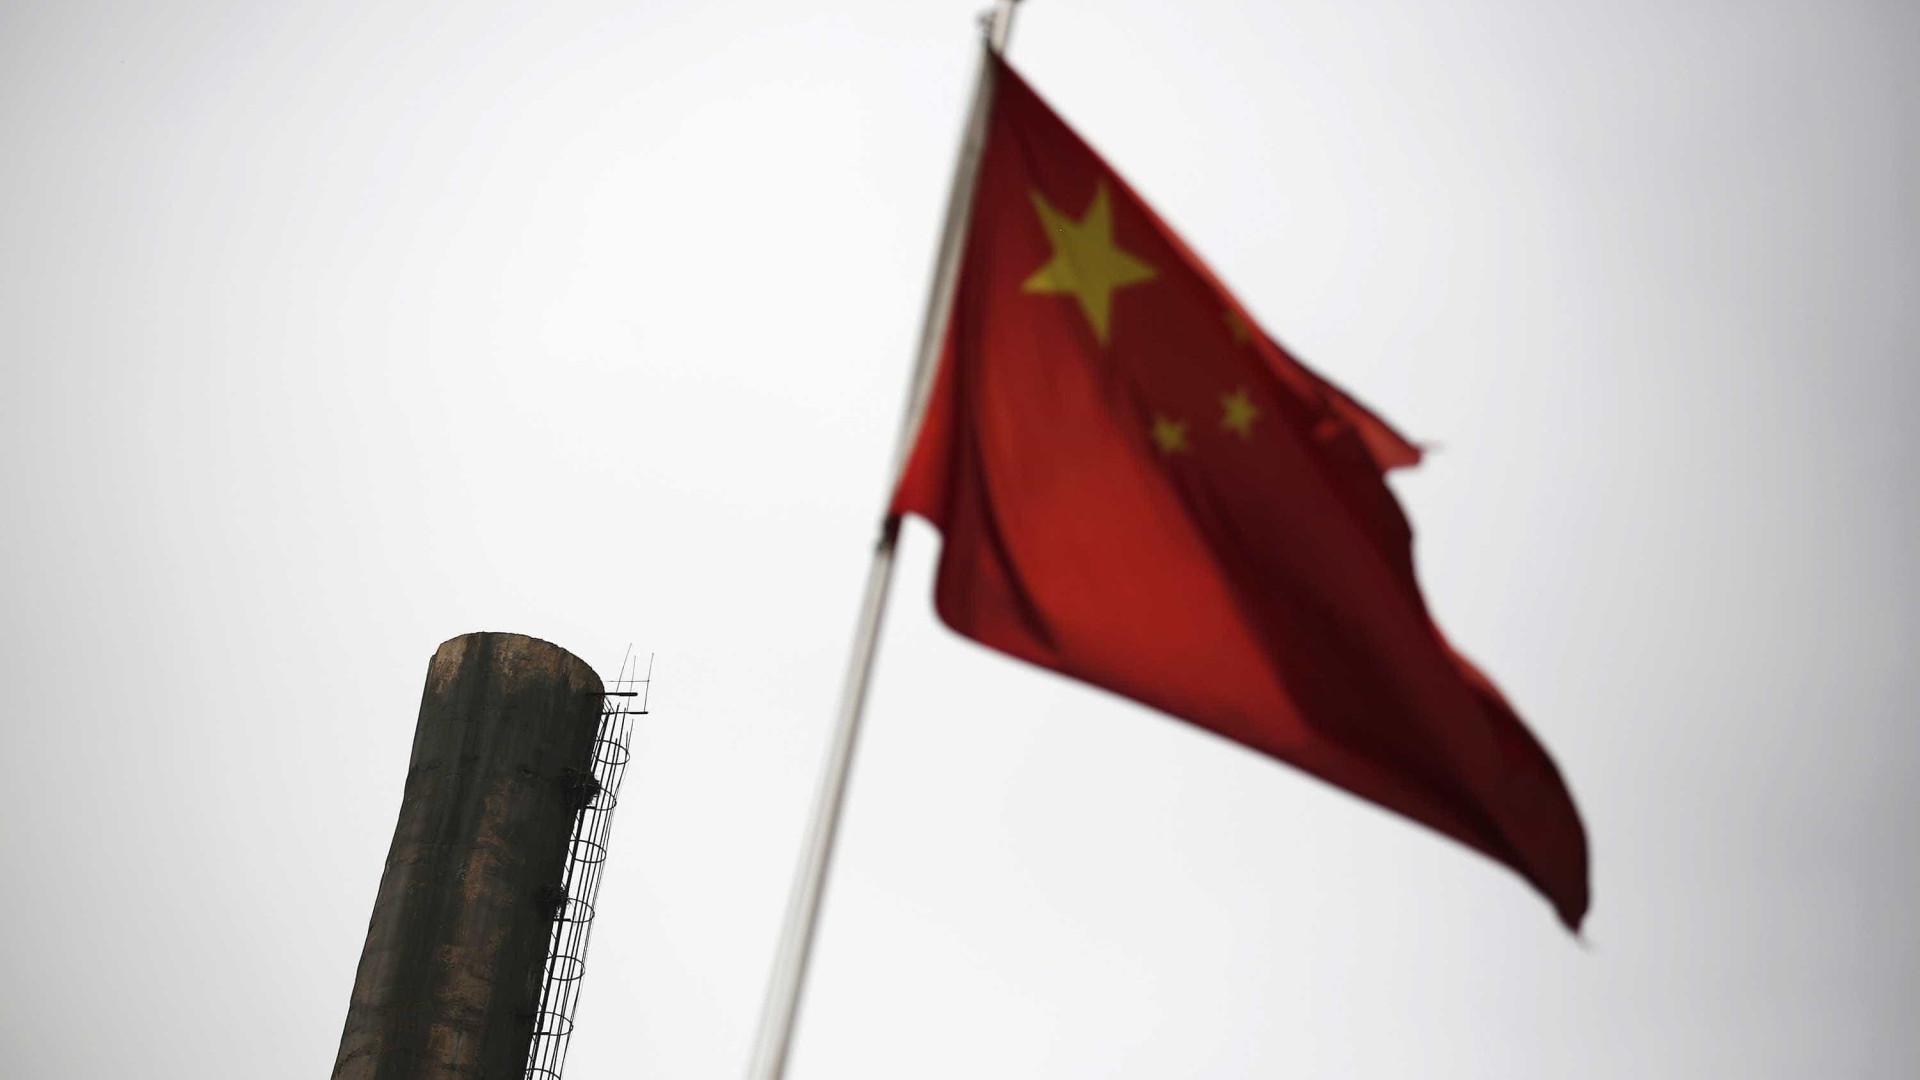 Comércio externo chinês abranda mas superavit com EUA atinge recorde